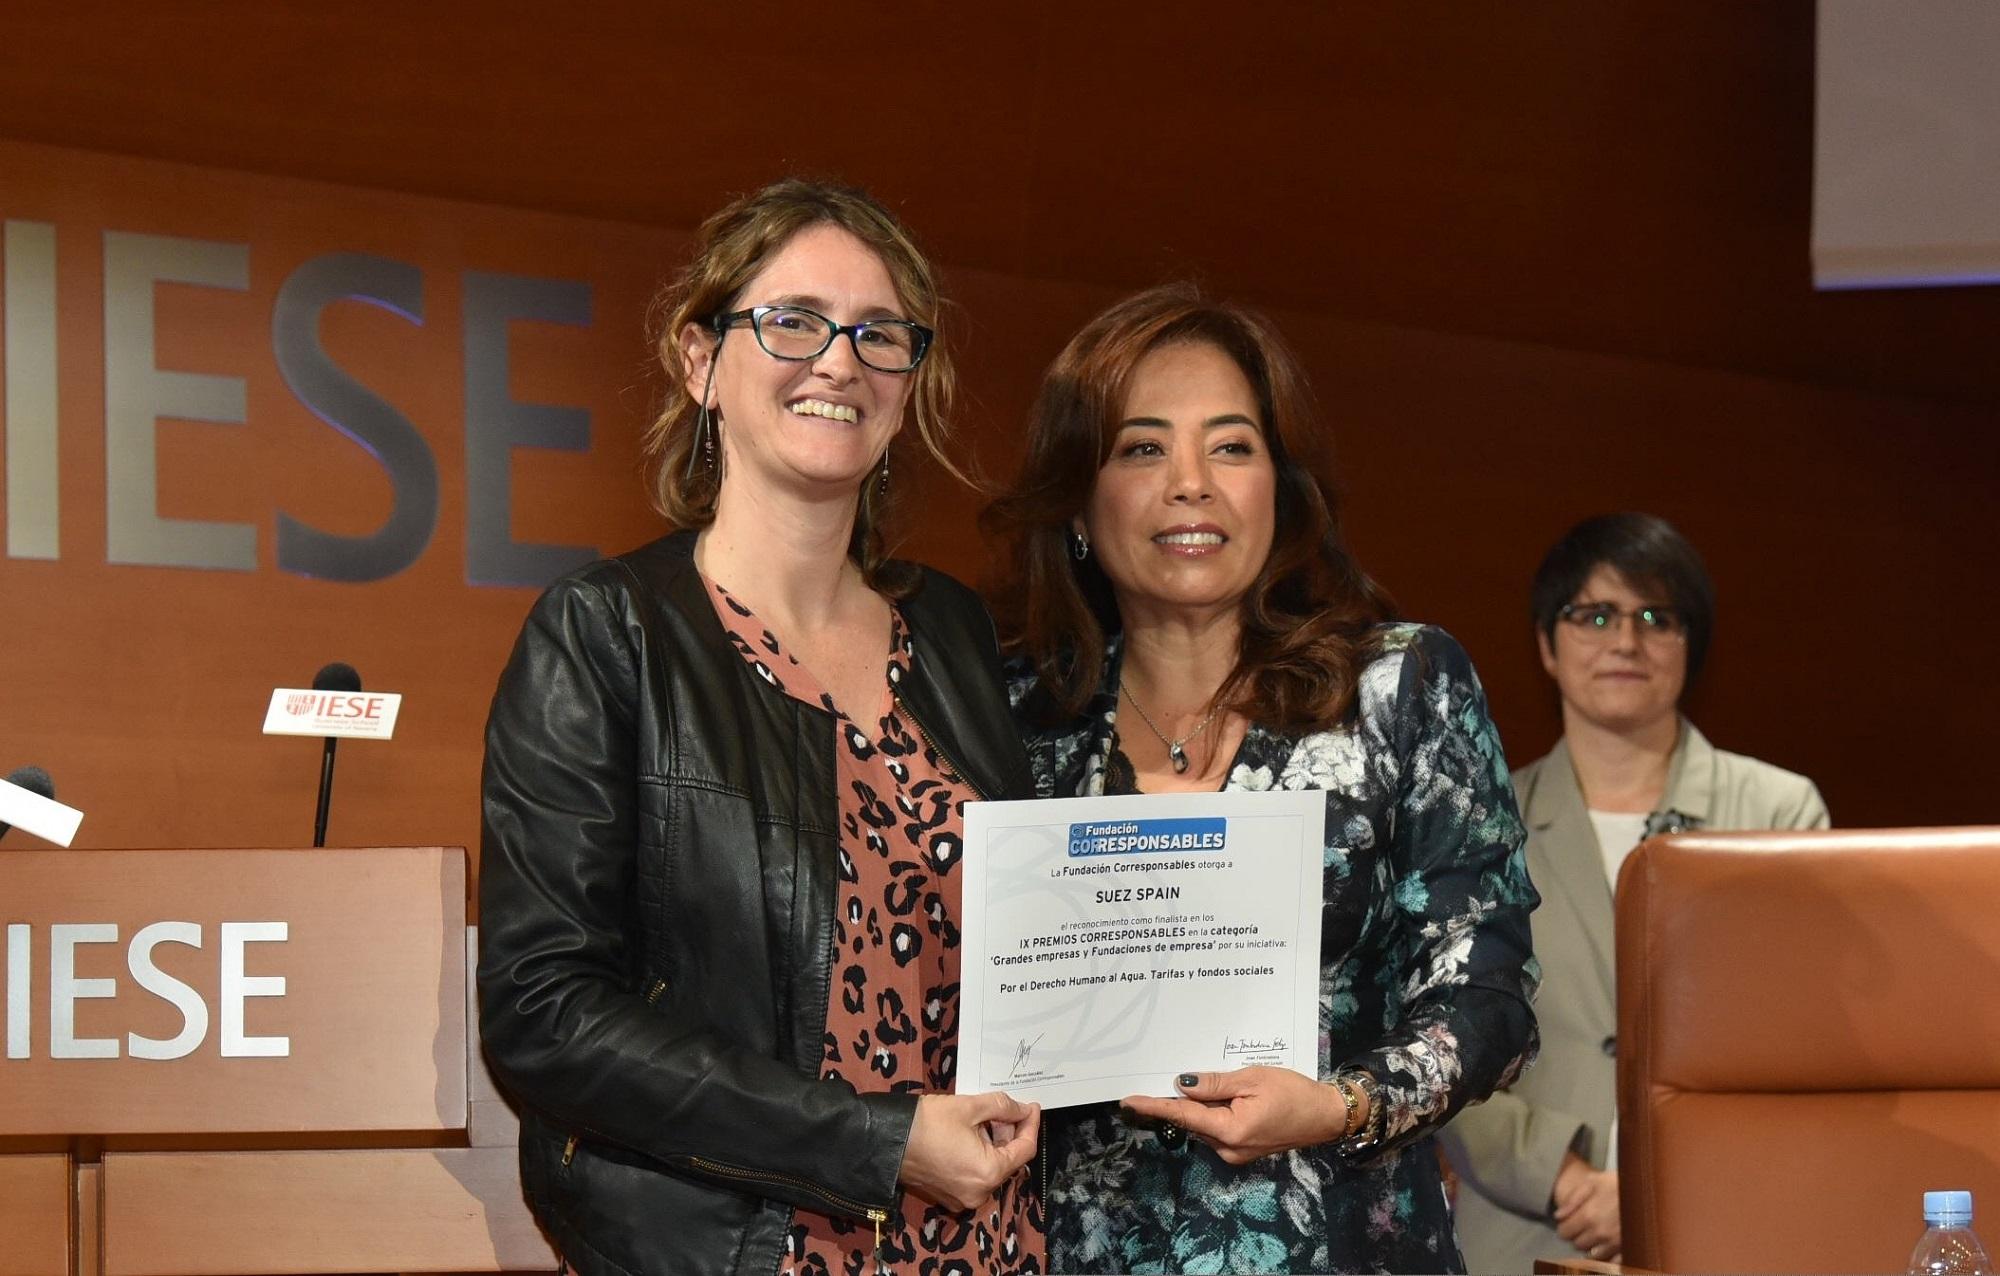 SUEZ Noticia Premios Corresponsables